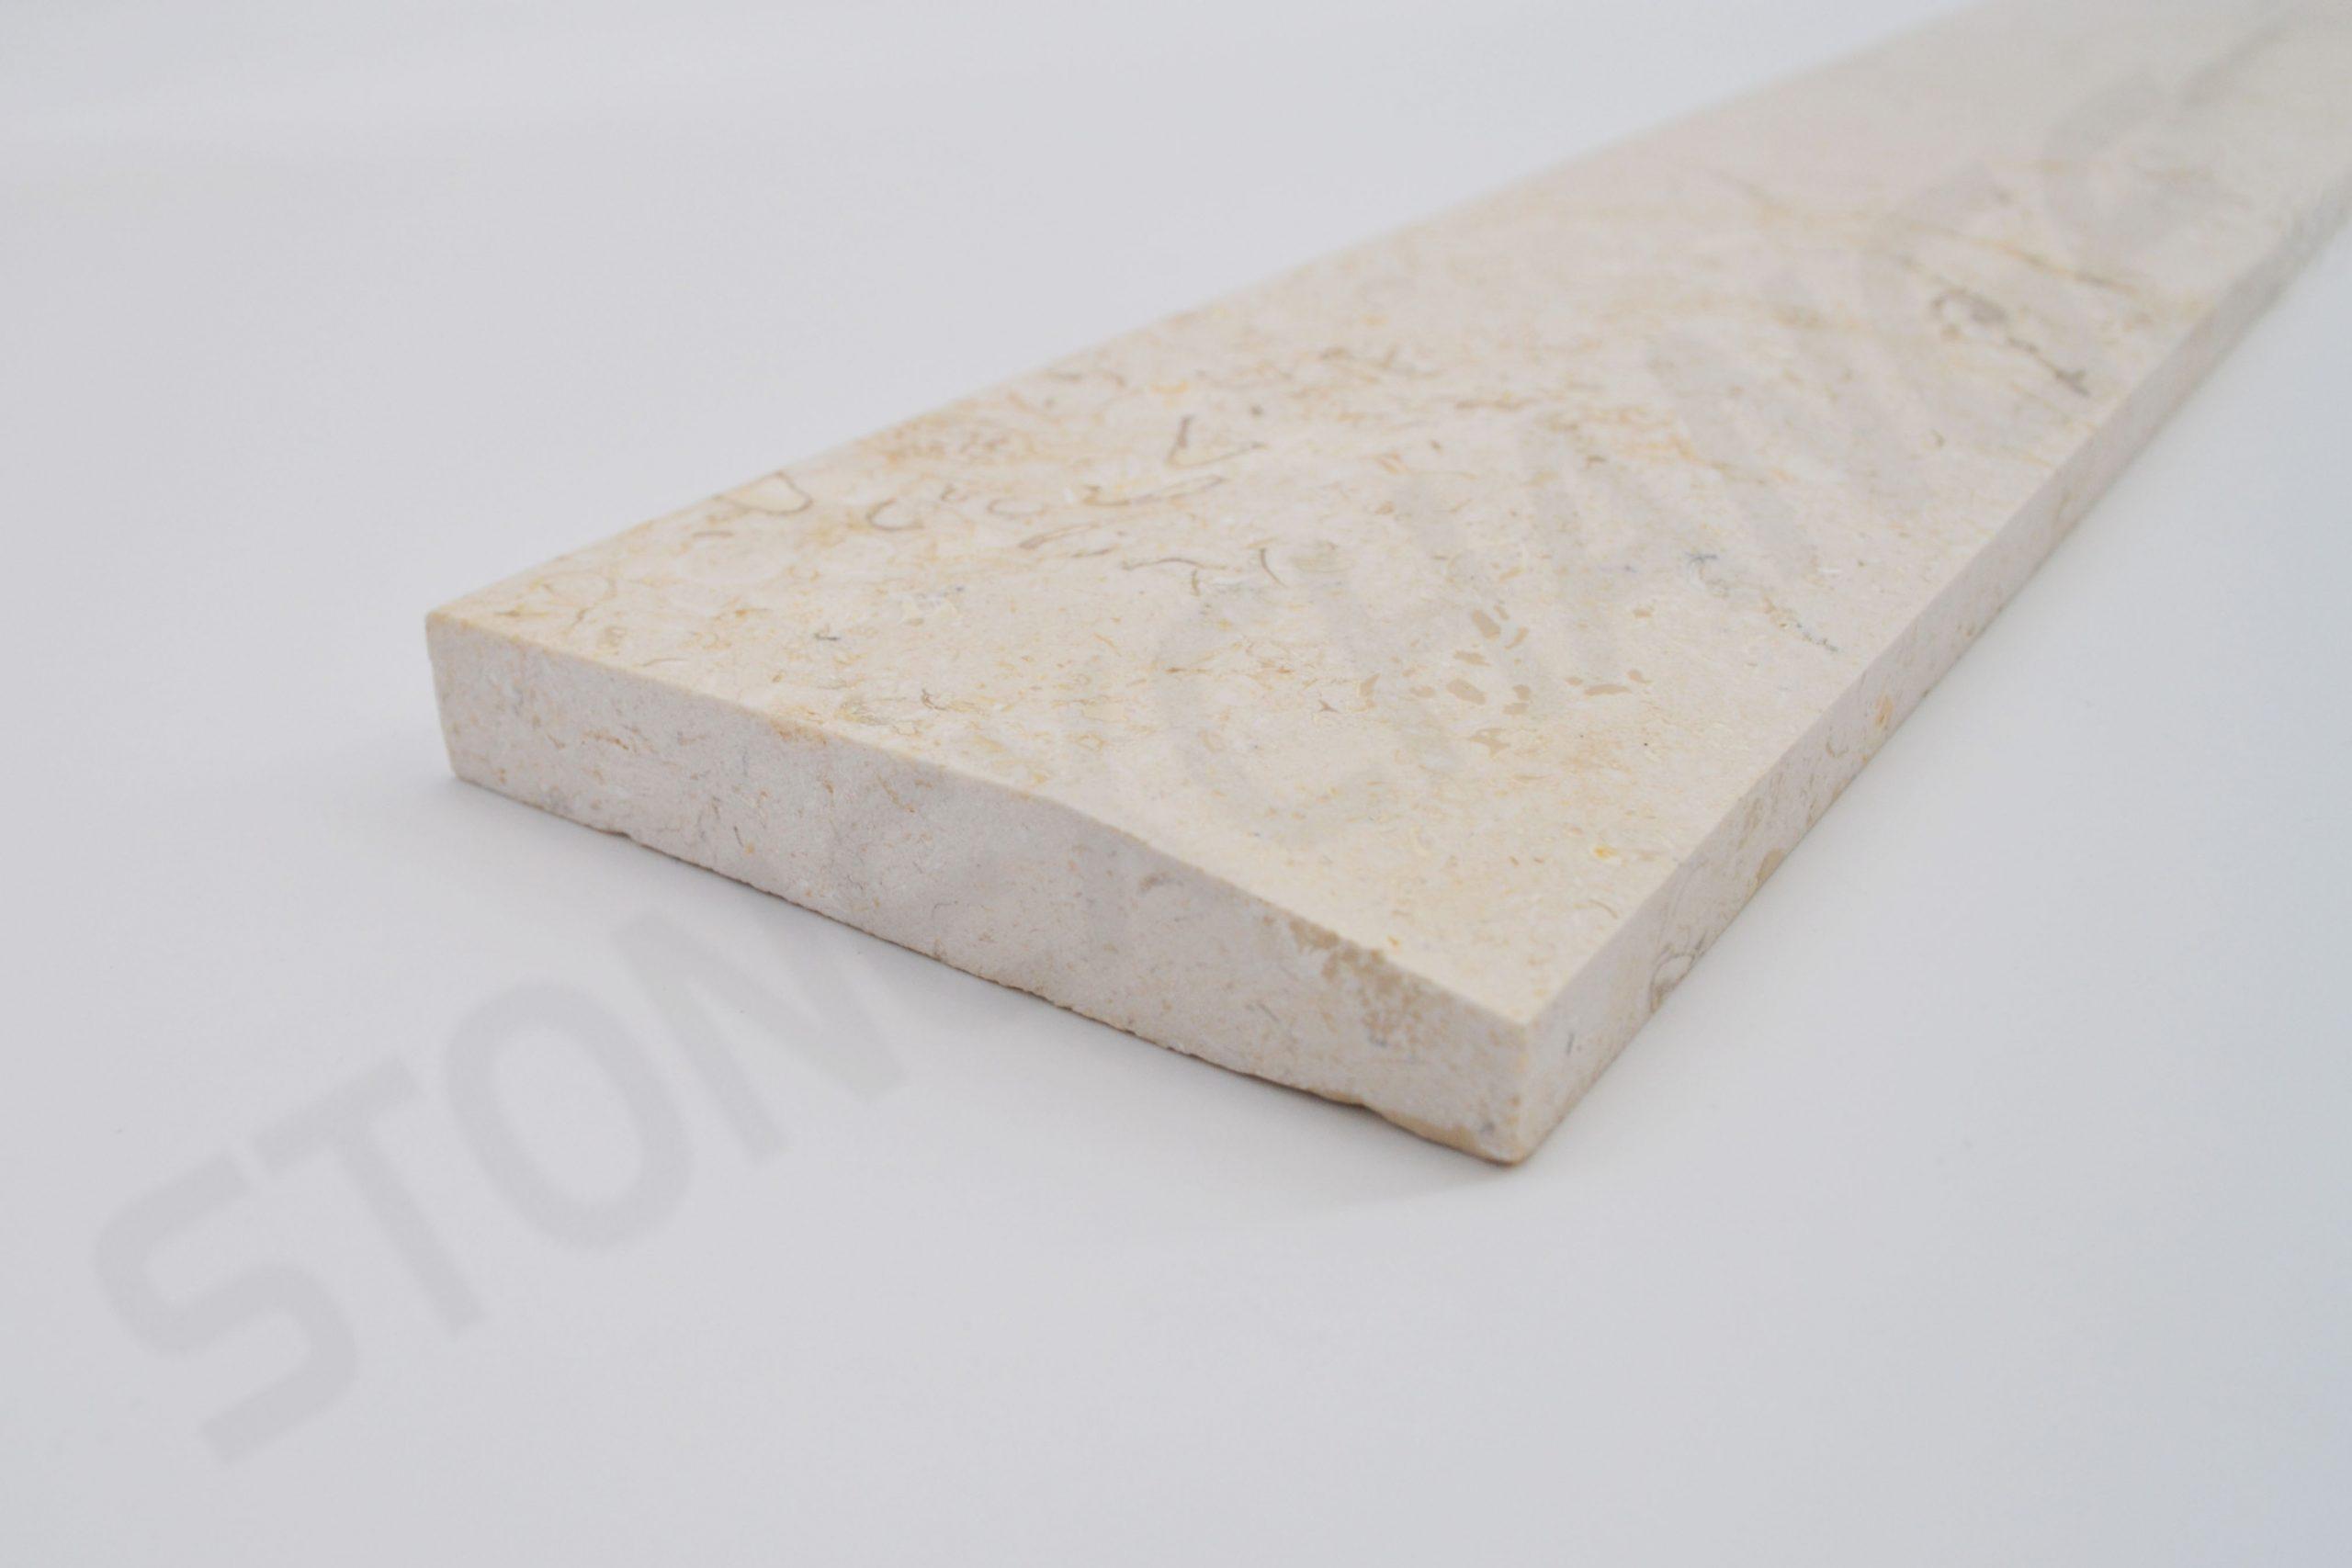 Crema Marfil Marble Threshold